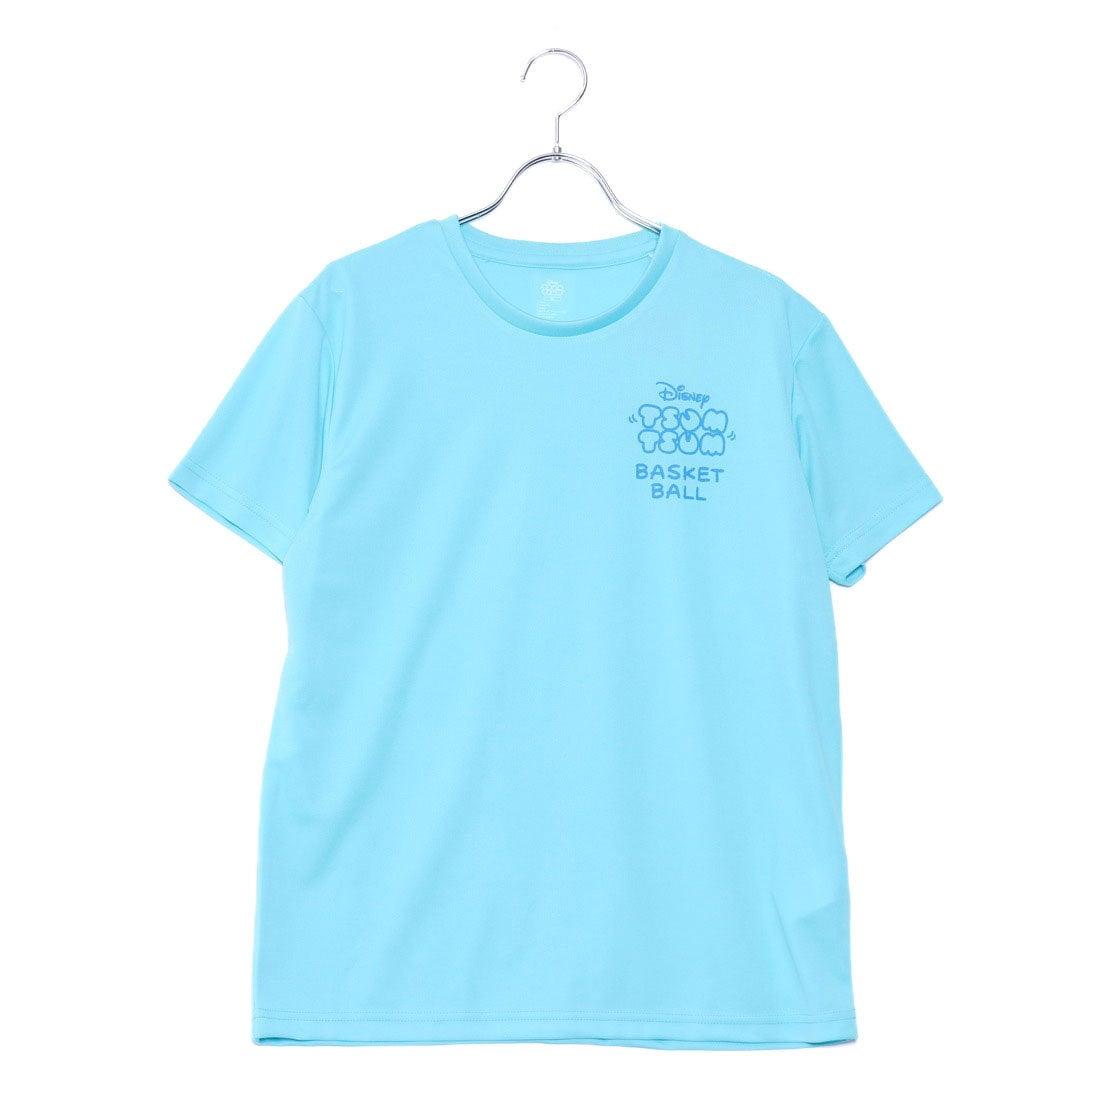 ディズニー Disney レディース バスケットボール 半袖 Tシャツ DN-8KW2028TSTM DN-8KW2028TSTM